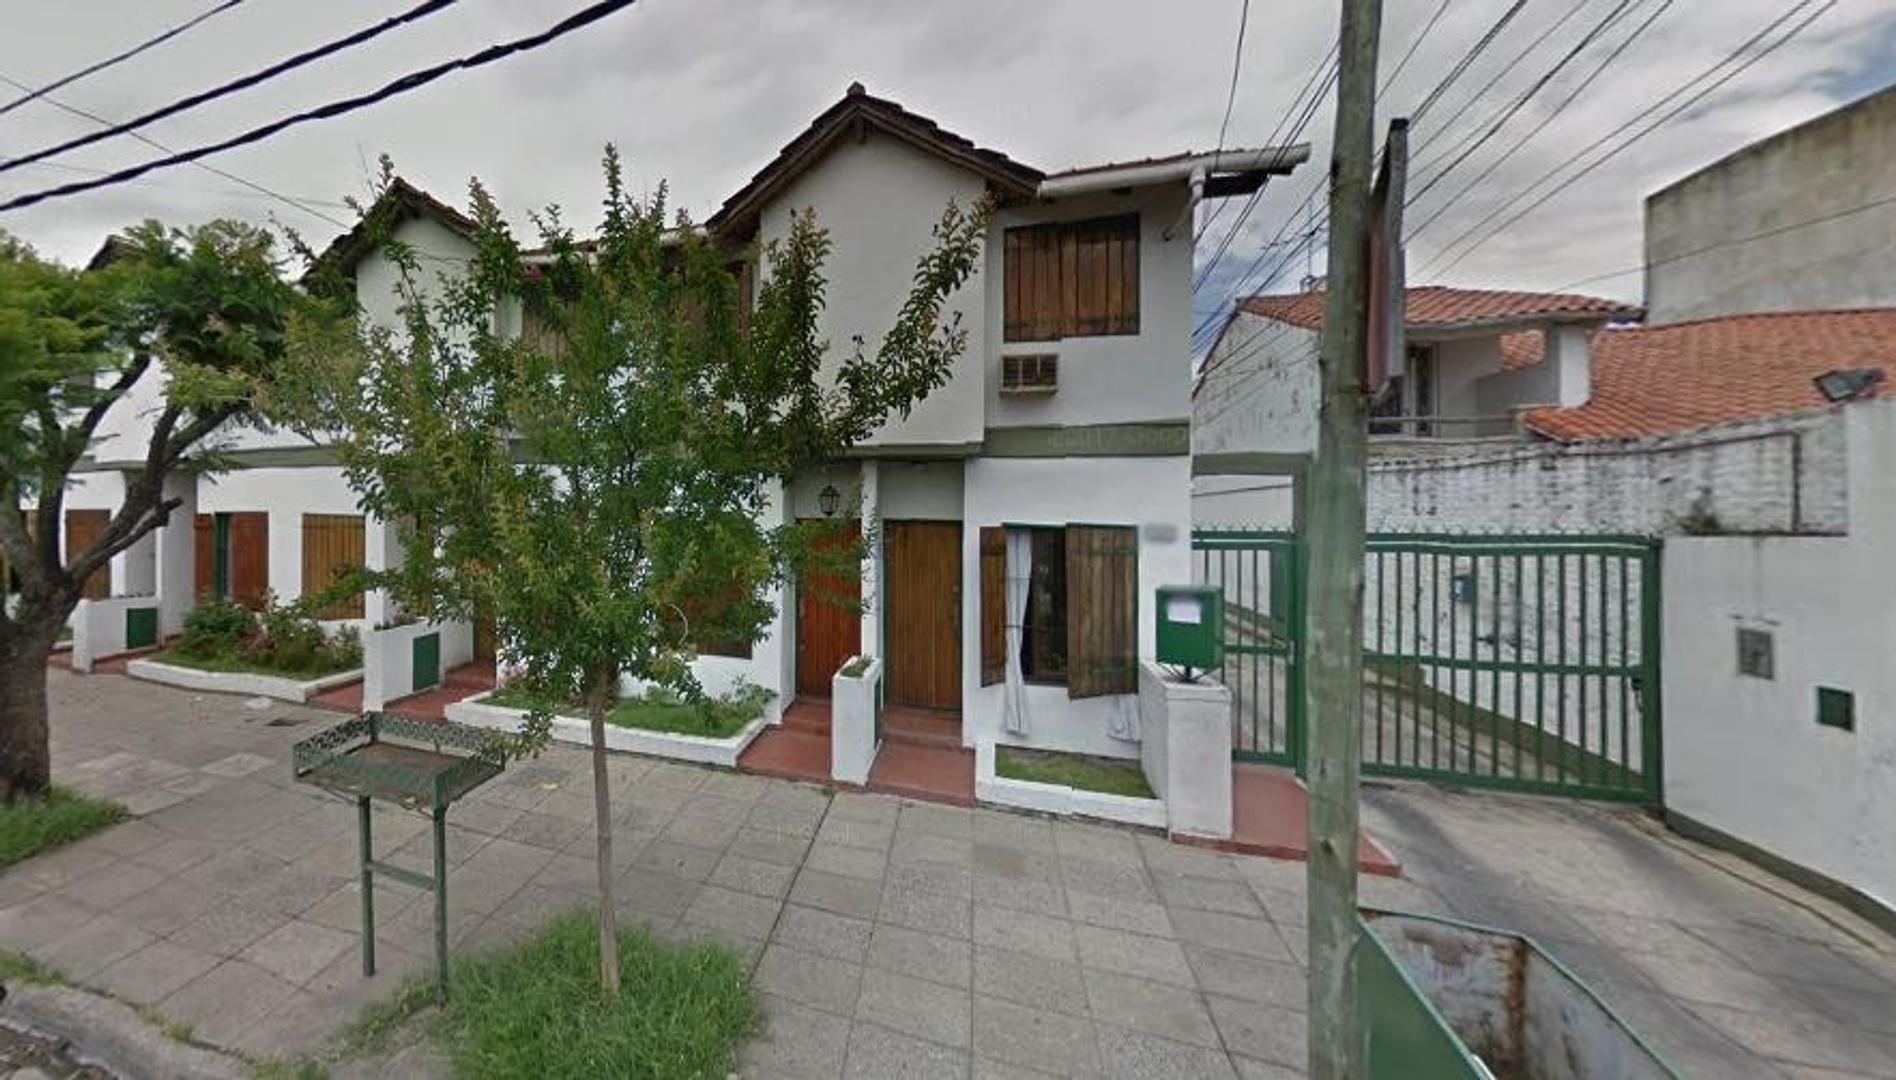 Casa en Venta en Ramos Mejia Sur - 2 ambientes